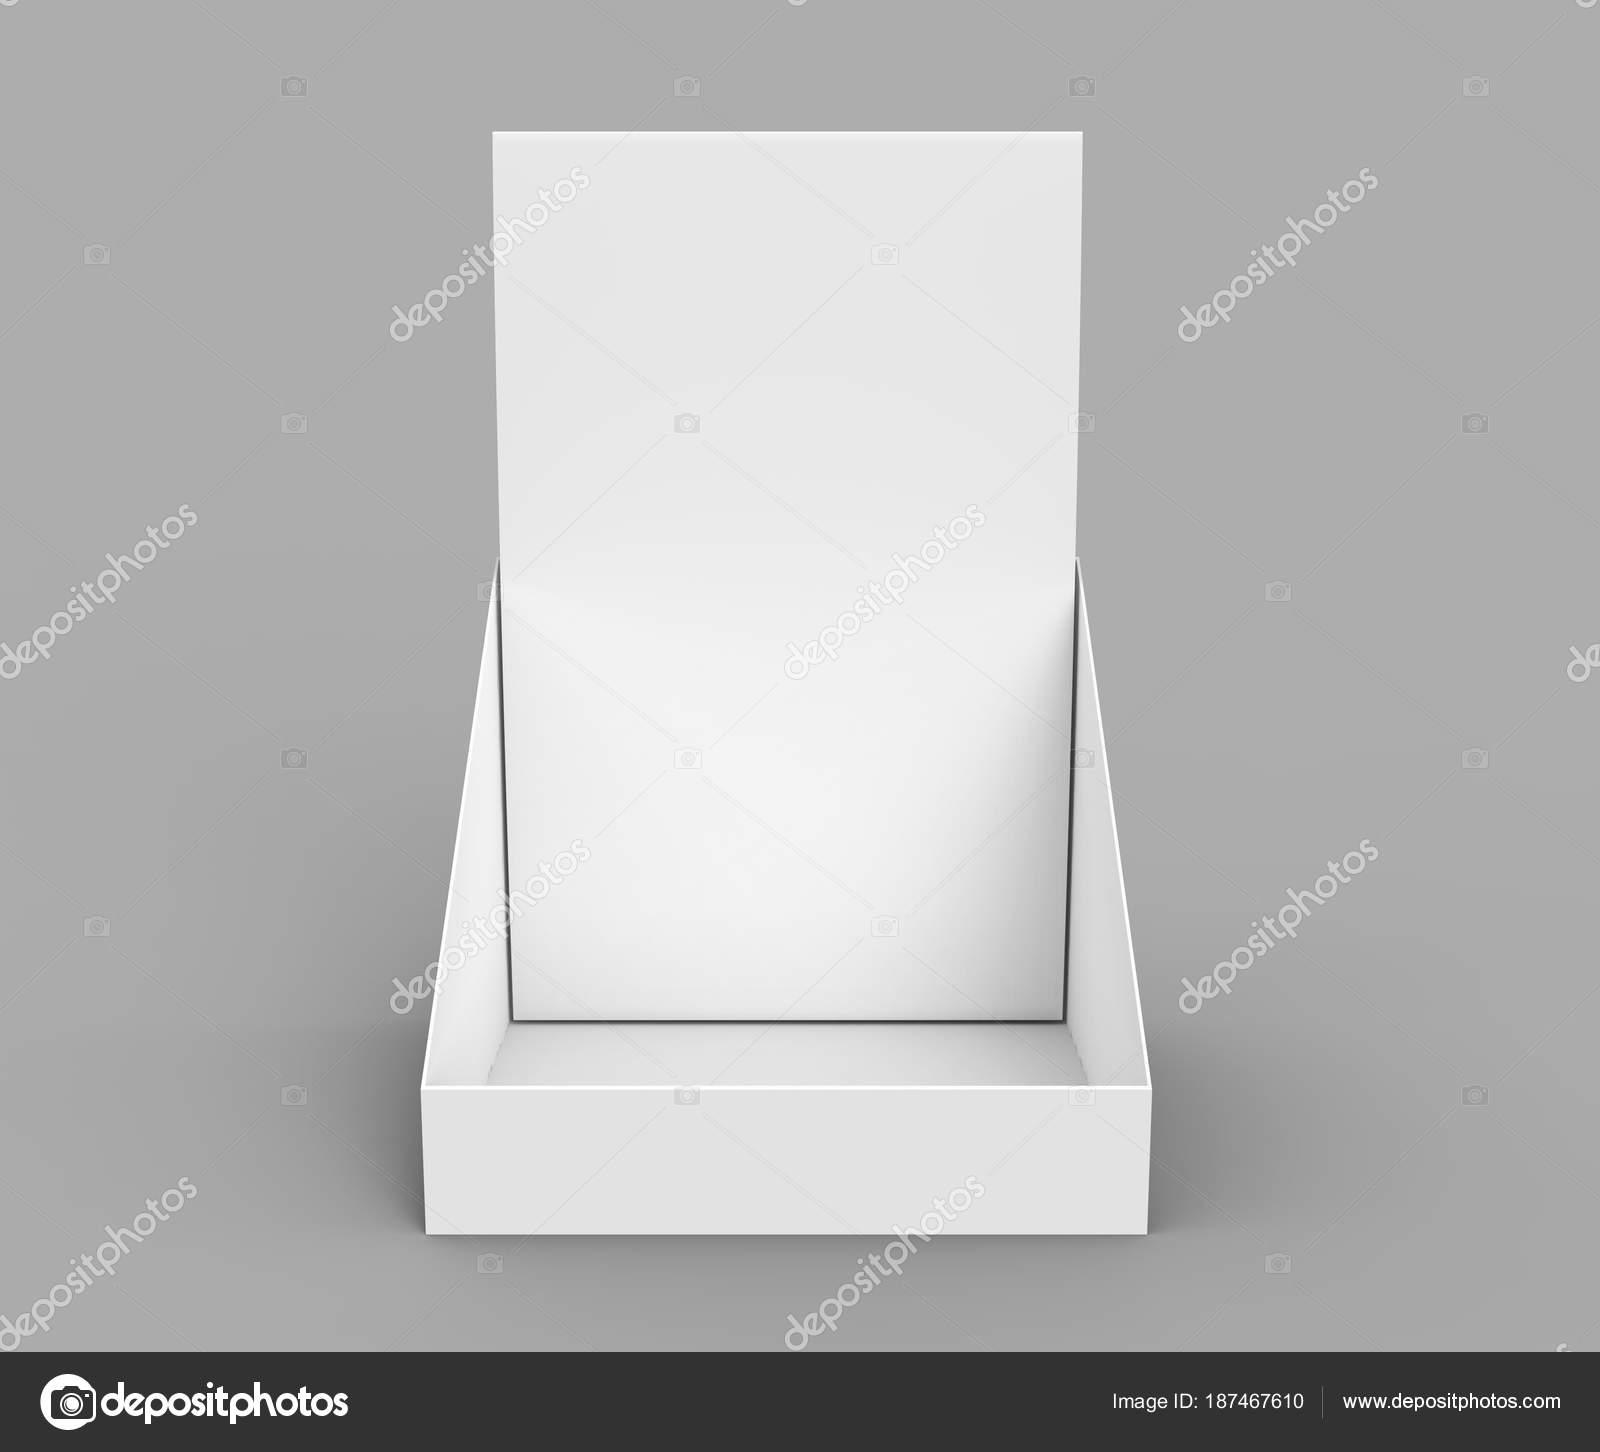 Paper Holder Mockup Blank 3d Render Desktop Stand For Brochure Placement Photo By Kchungtw